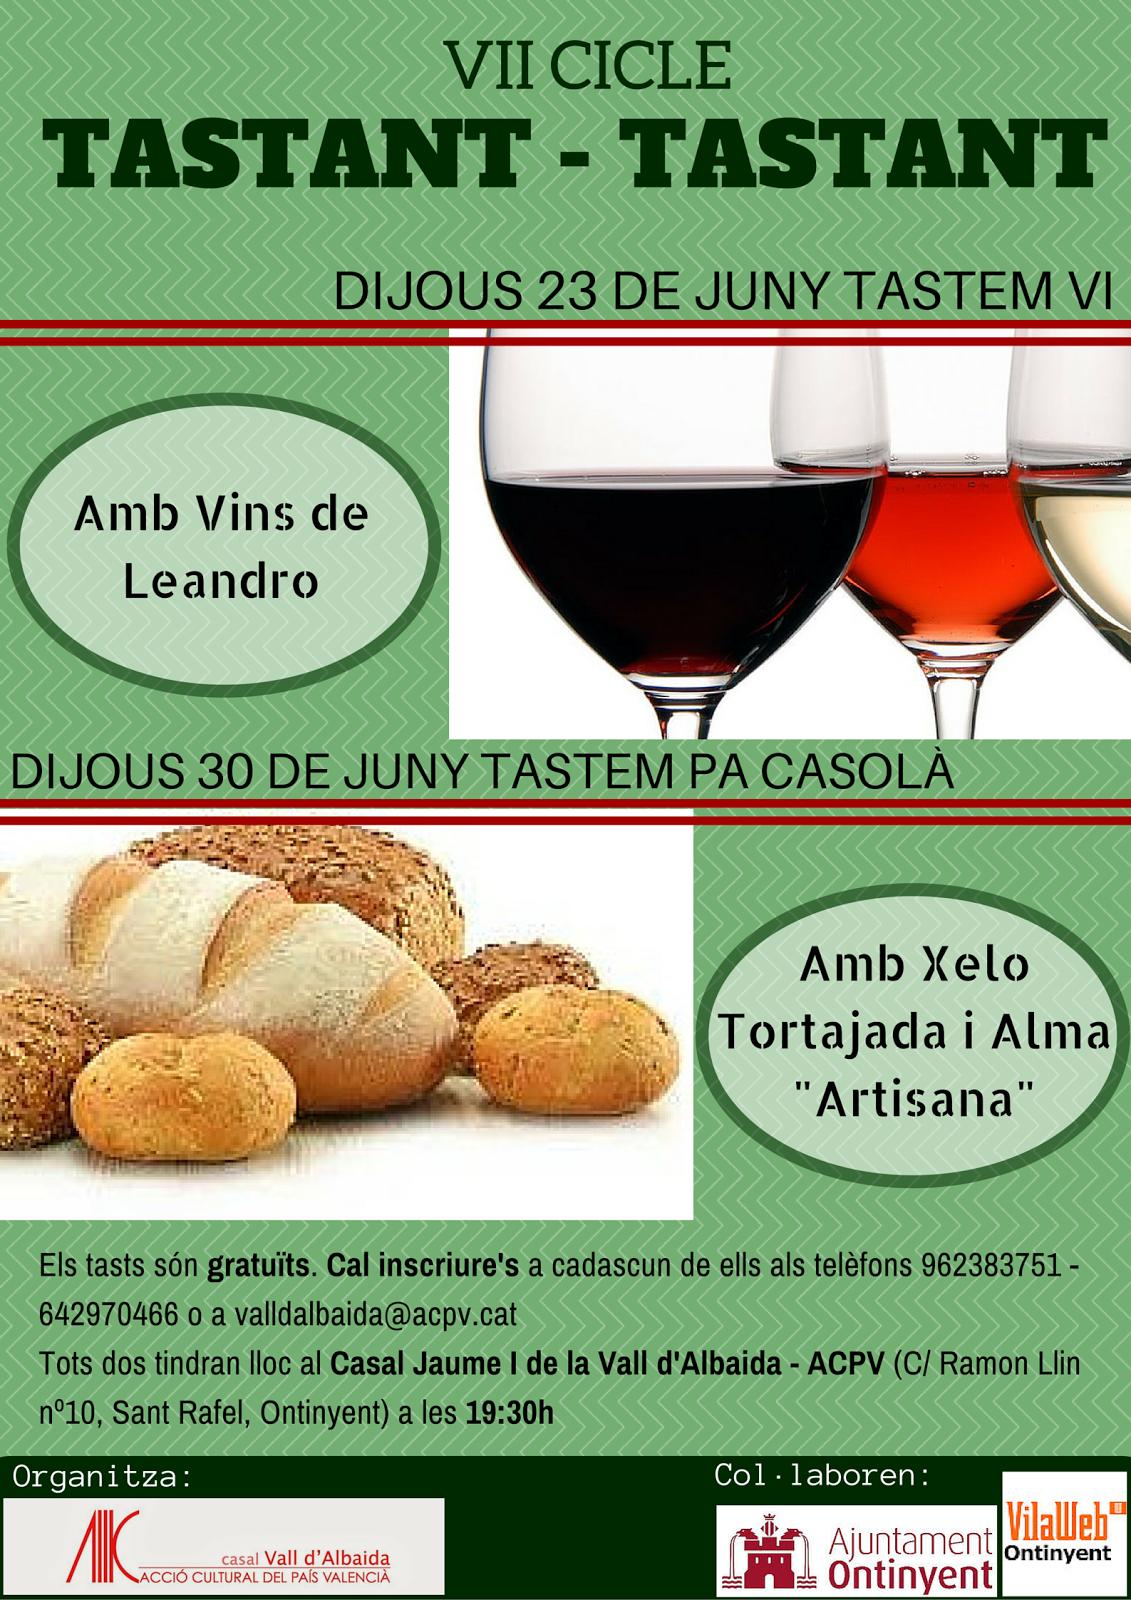 Ja podeu inscriure-vos als tasts gratuïts que organitzem des del Casal de la Vall d'Albaida - ACPV